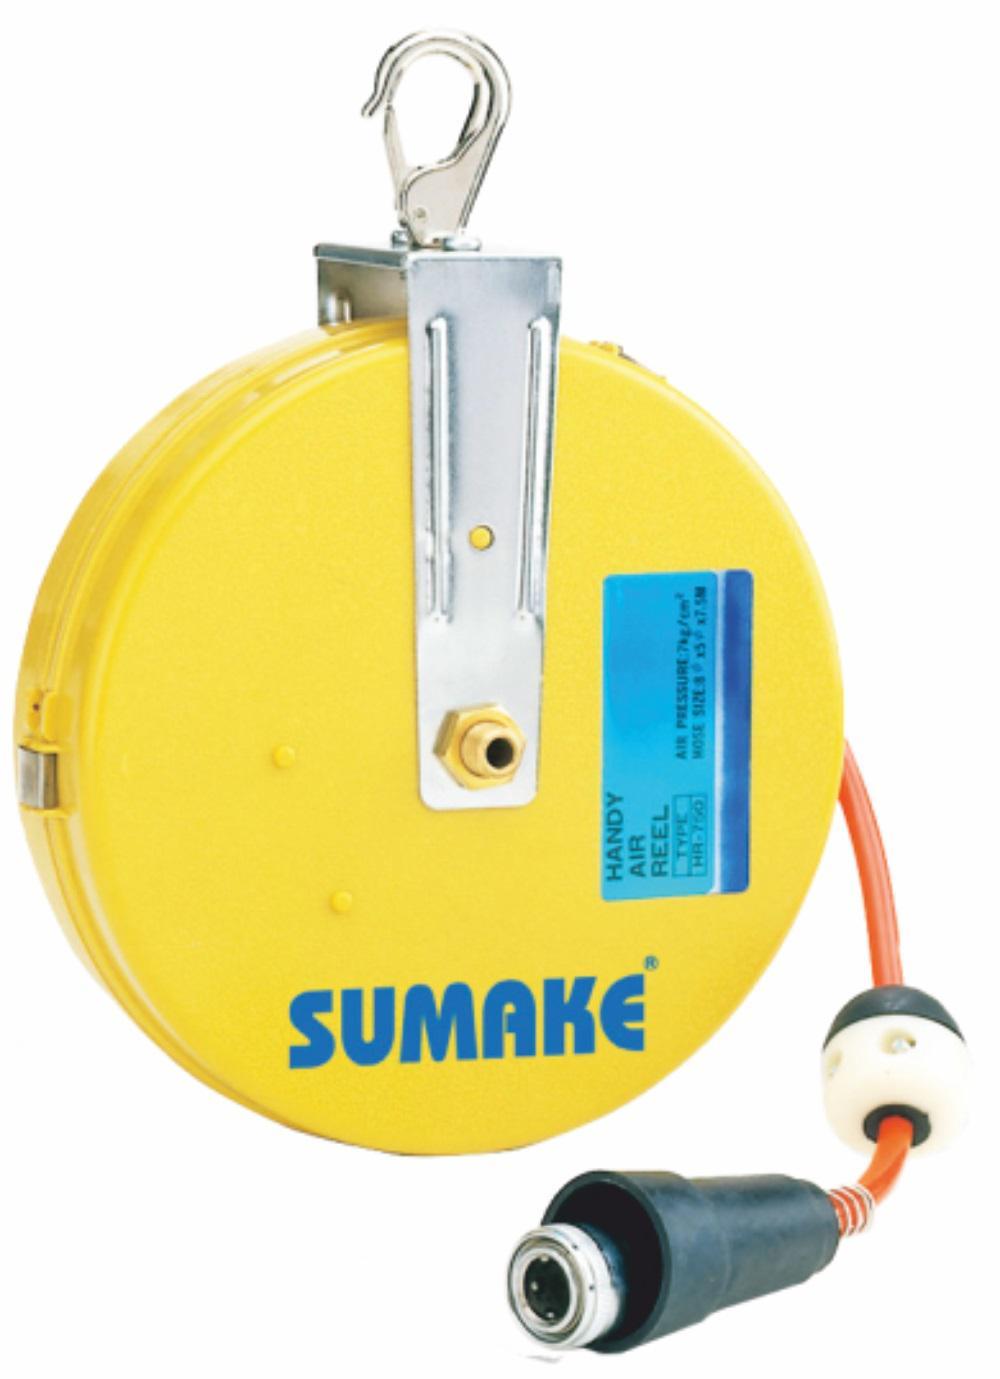 Купить со скидкой Поддержка Sumake Sa-2205 (35149)